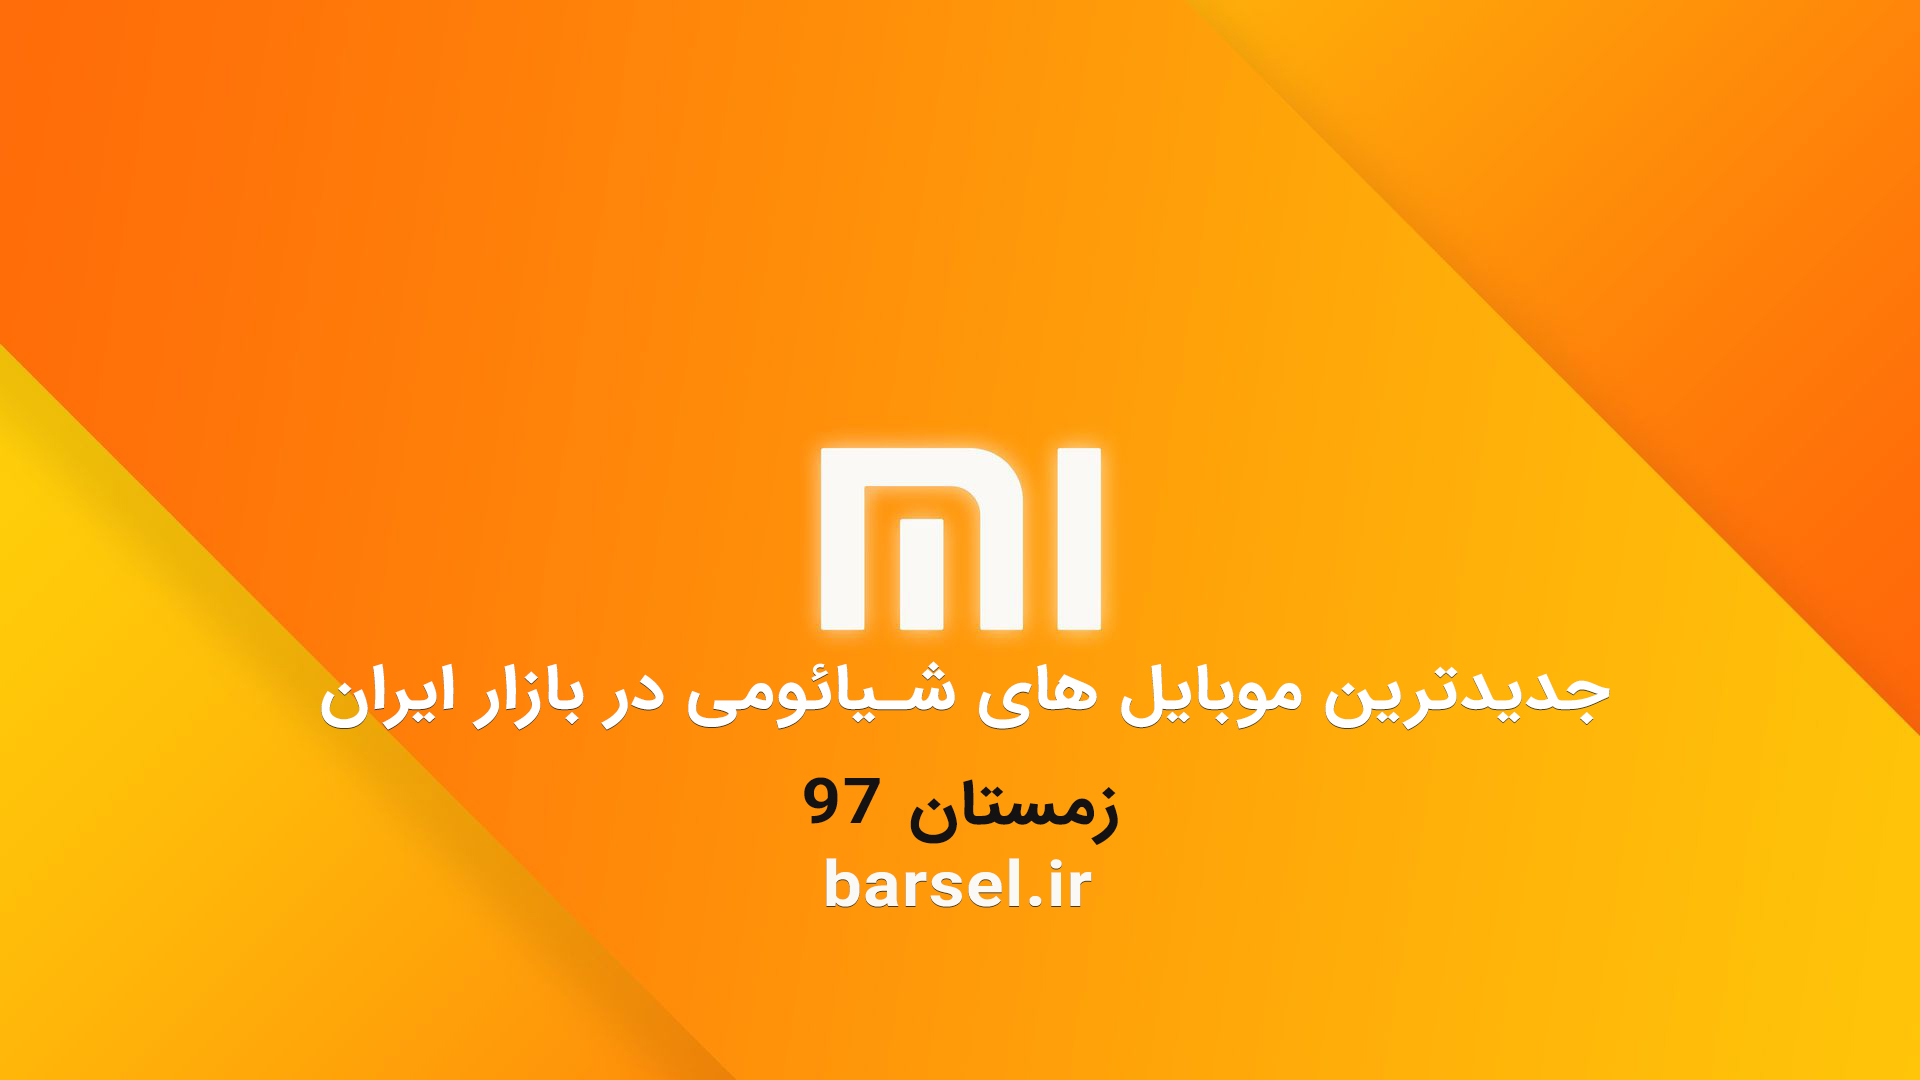 جدیدترین موبایل های شیائومی در بازاز ایران (زمستان ۹۷)